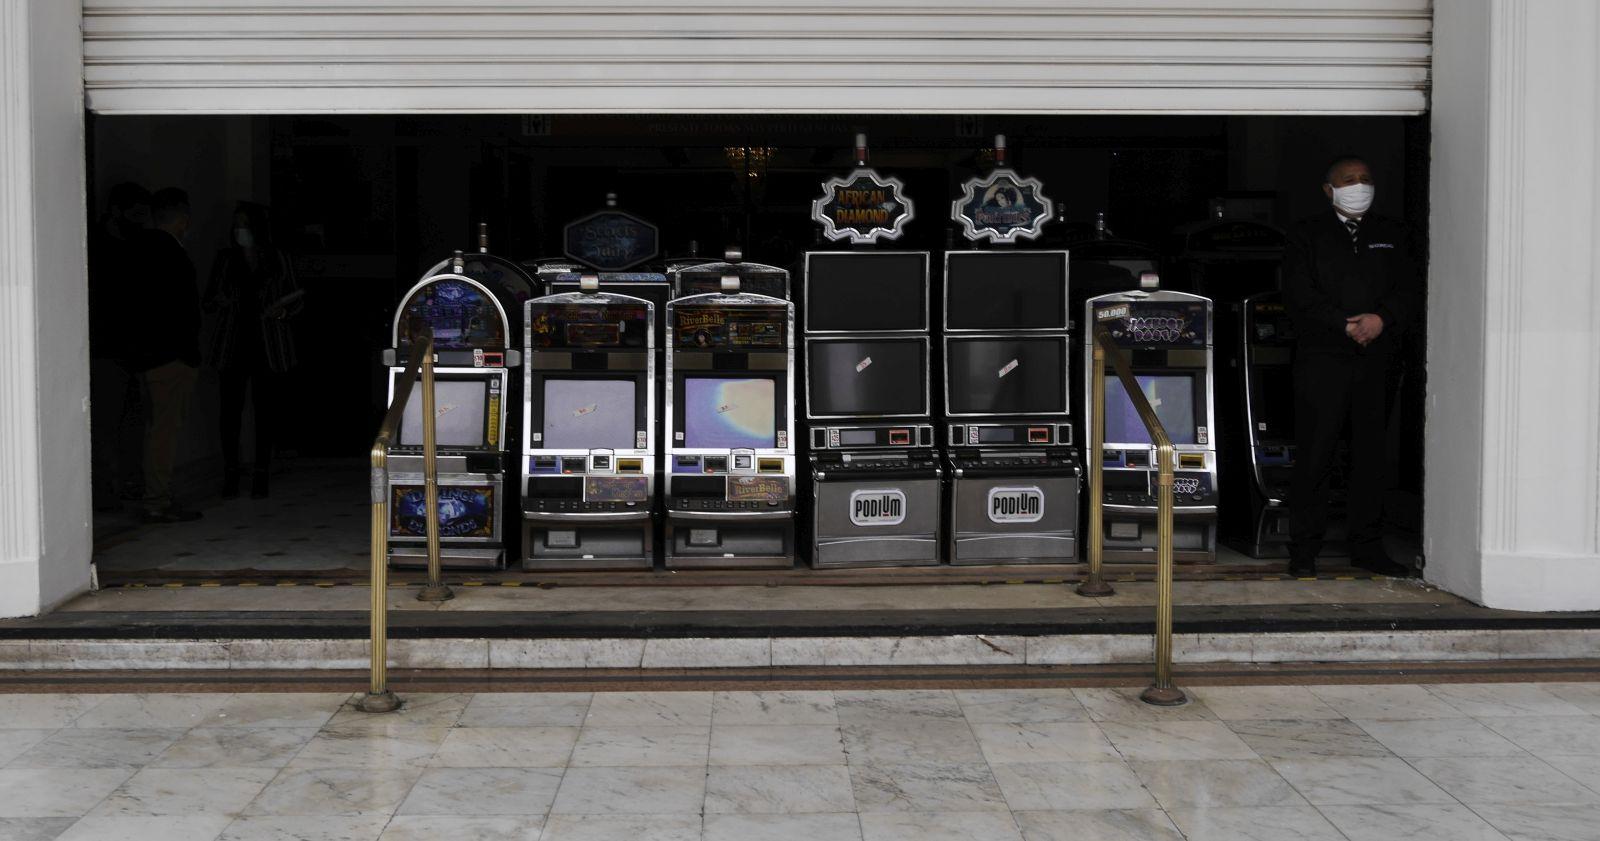 Los cuidados para asistir a los casinos en plena pandemia del coronavirus